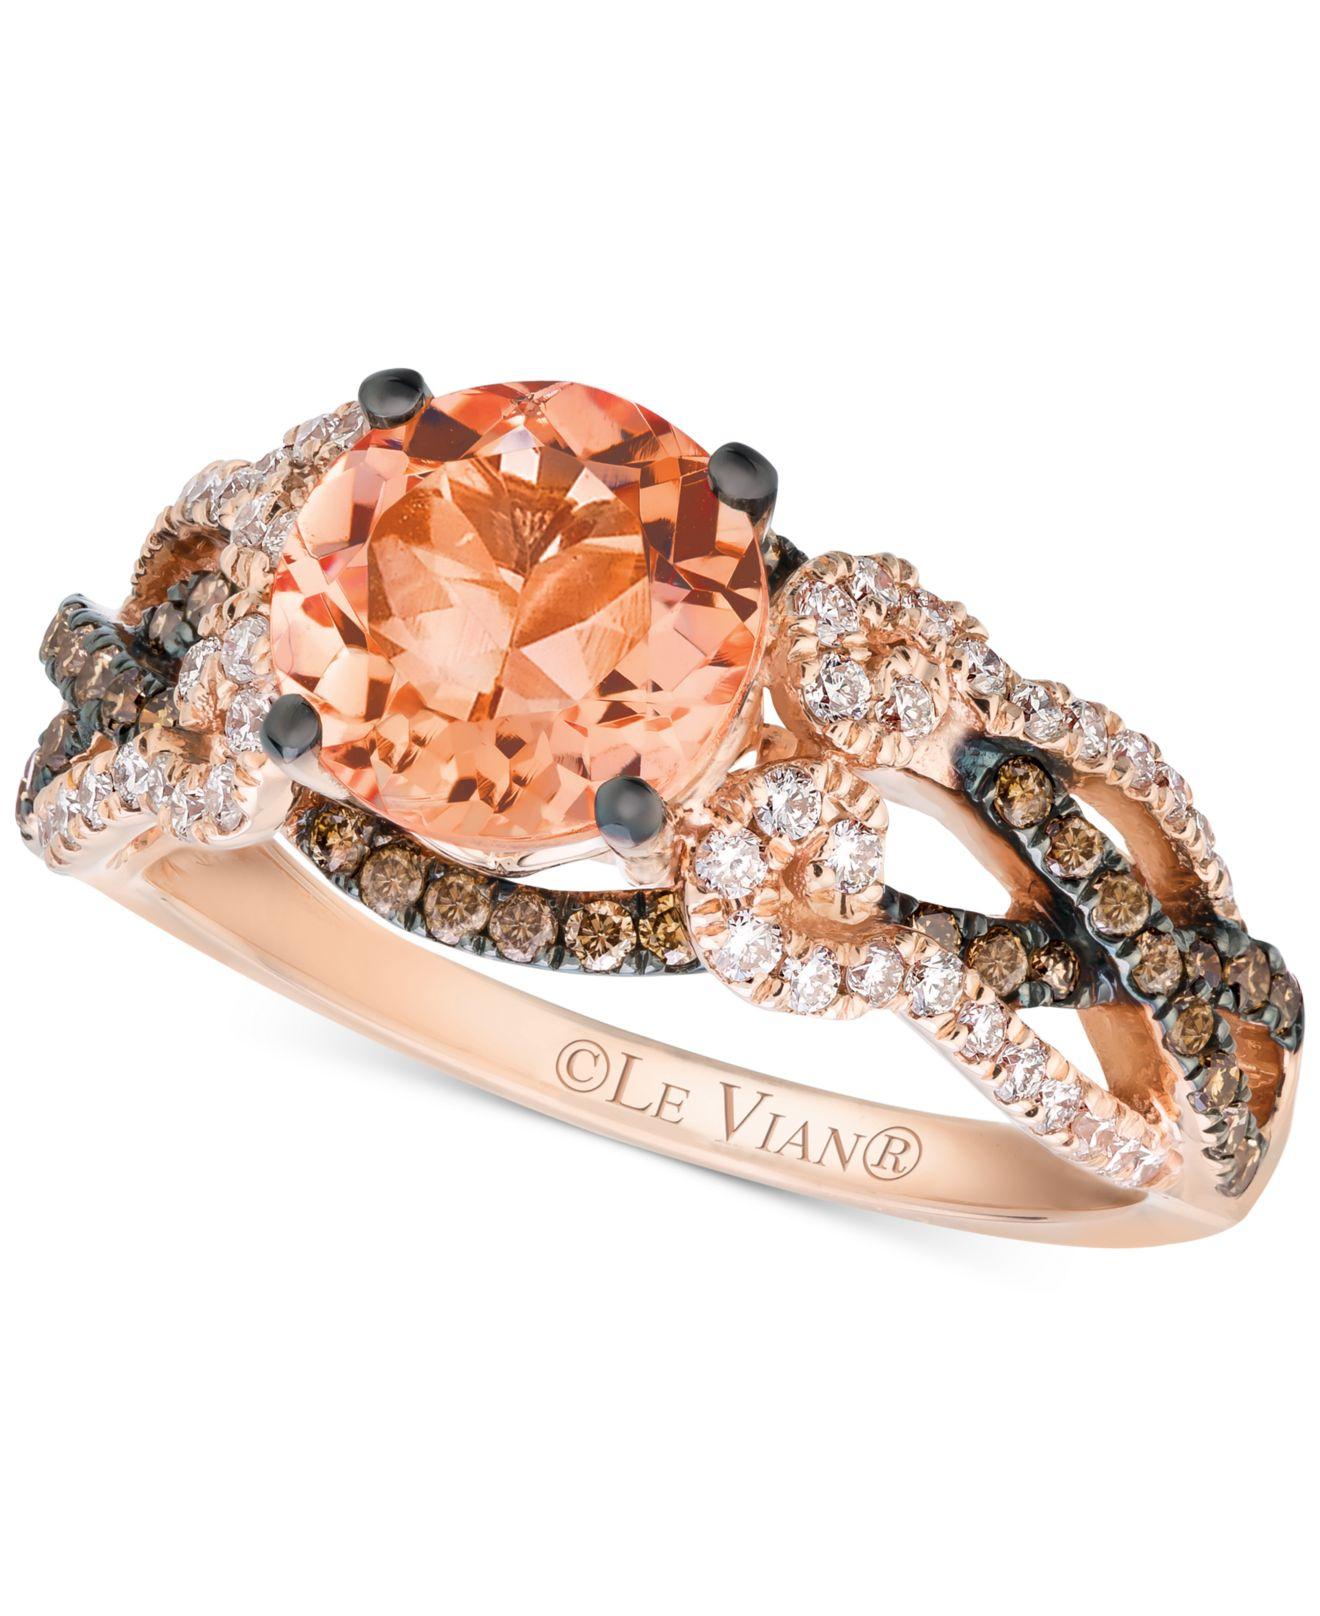 Le Vian Peach Morganite 1 3 8 Ct T W And Diamond 5 8